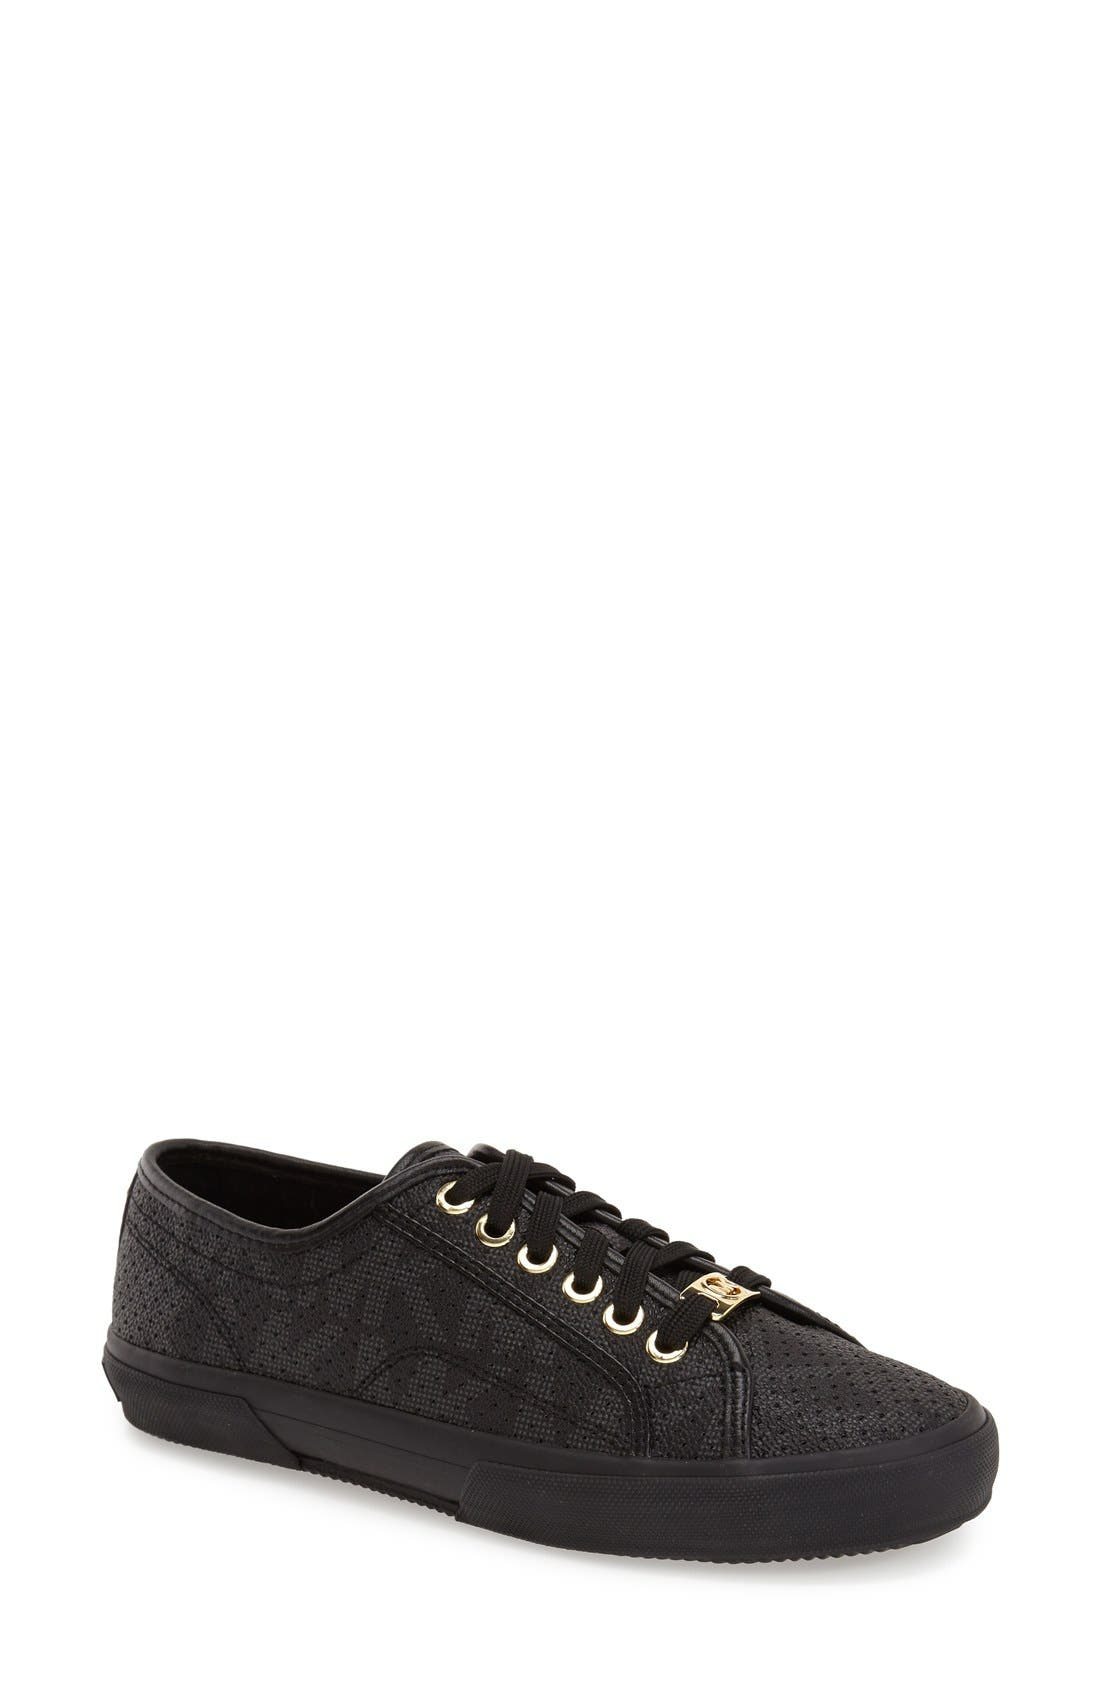 'Boerum' Sneaker, Main, color, 001